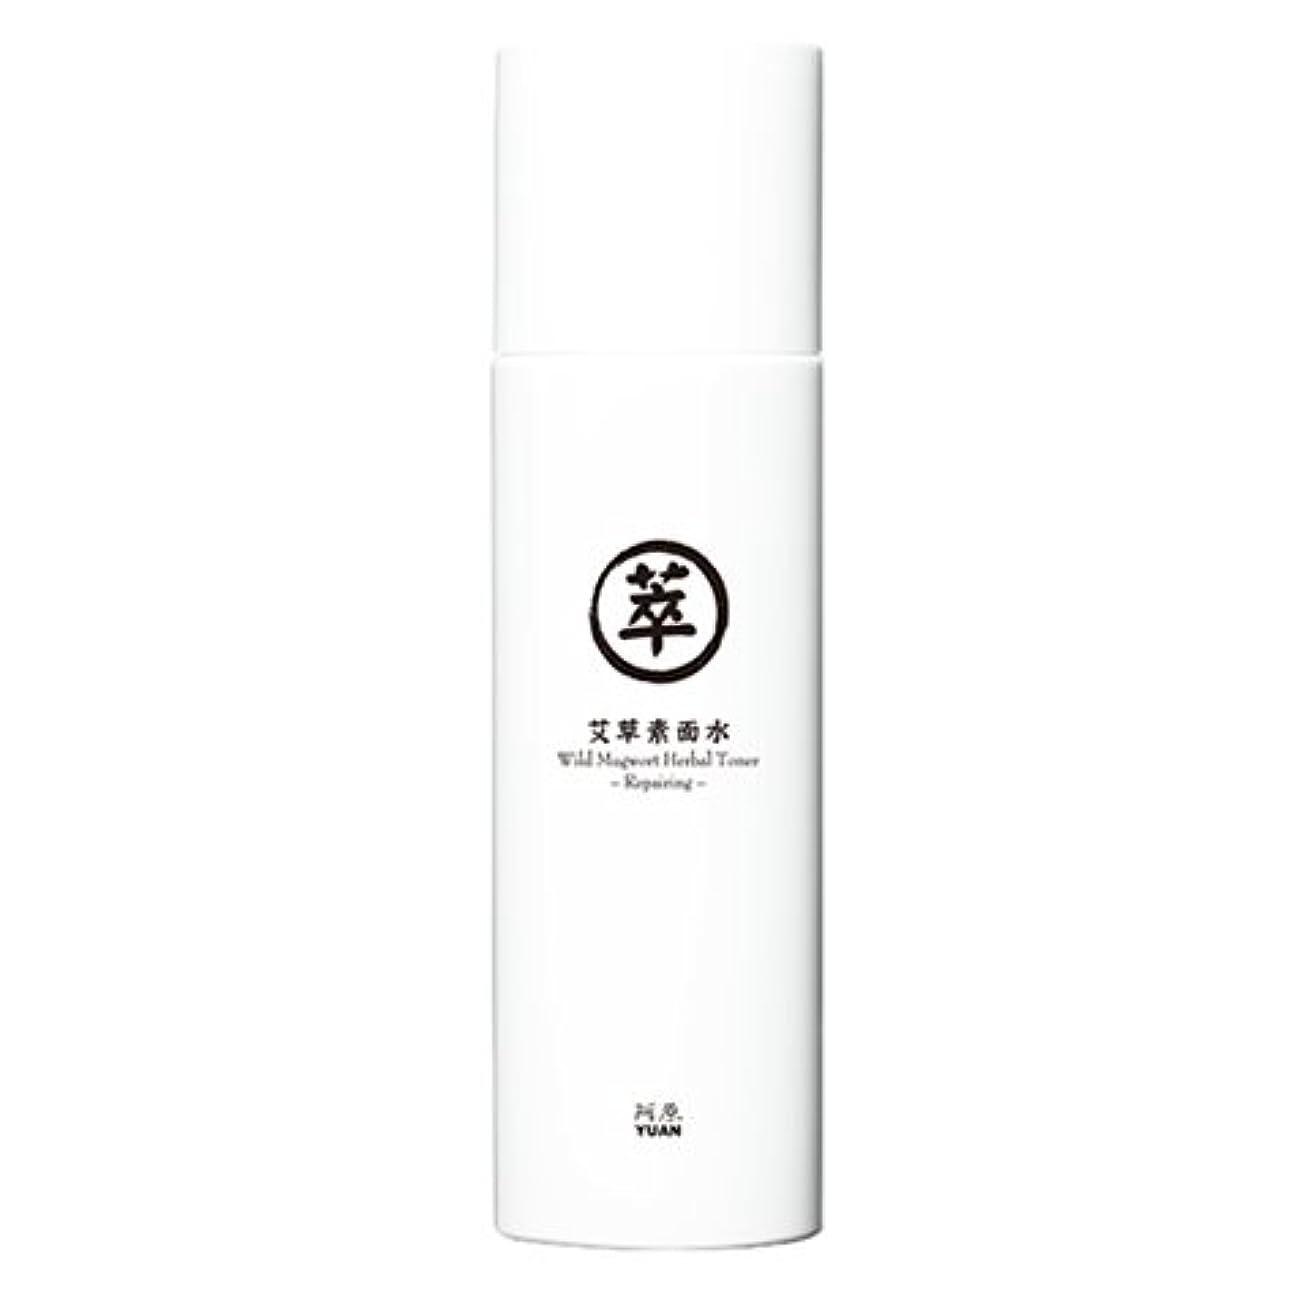 胚芽余韻音ユアン(YUAN)ヨモギ化粧水 150ml(阿原 ユアンソープ 台湾コスメ)